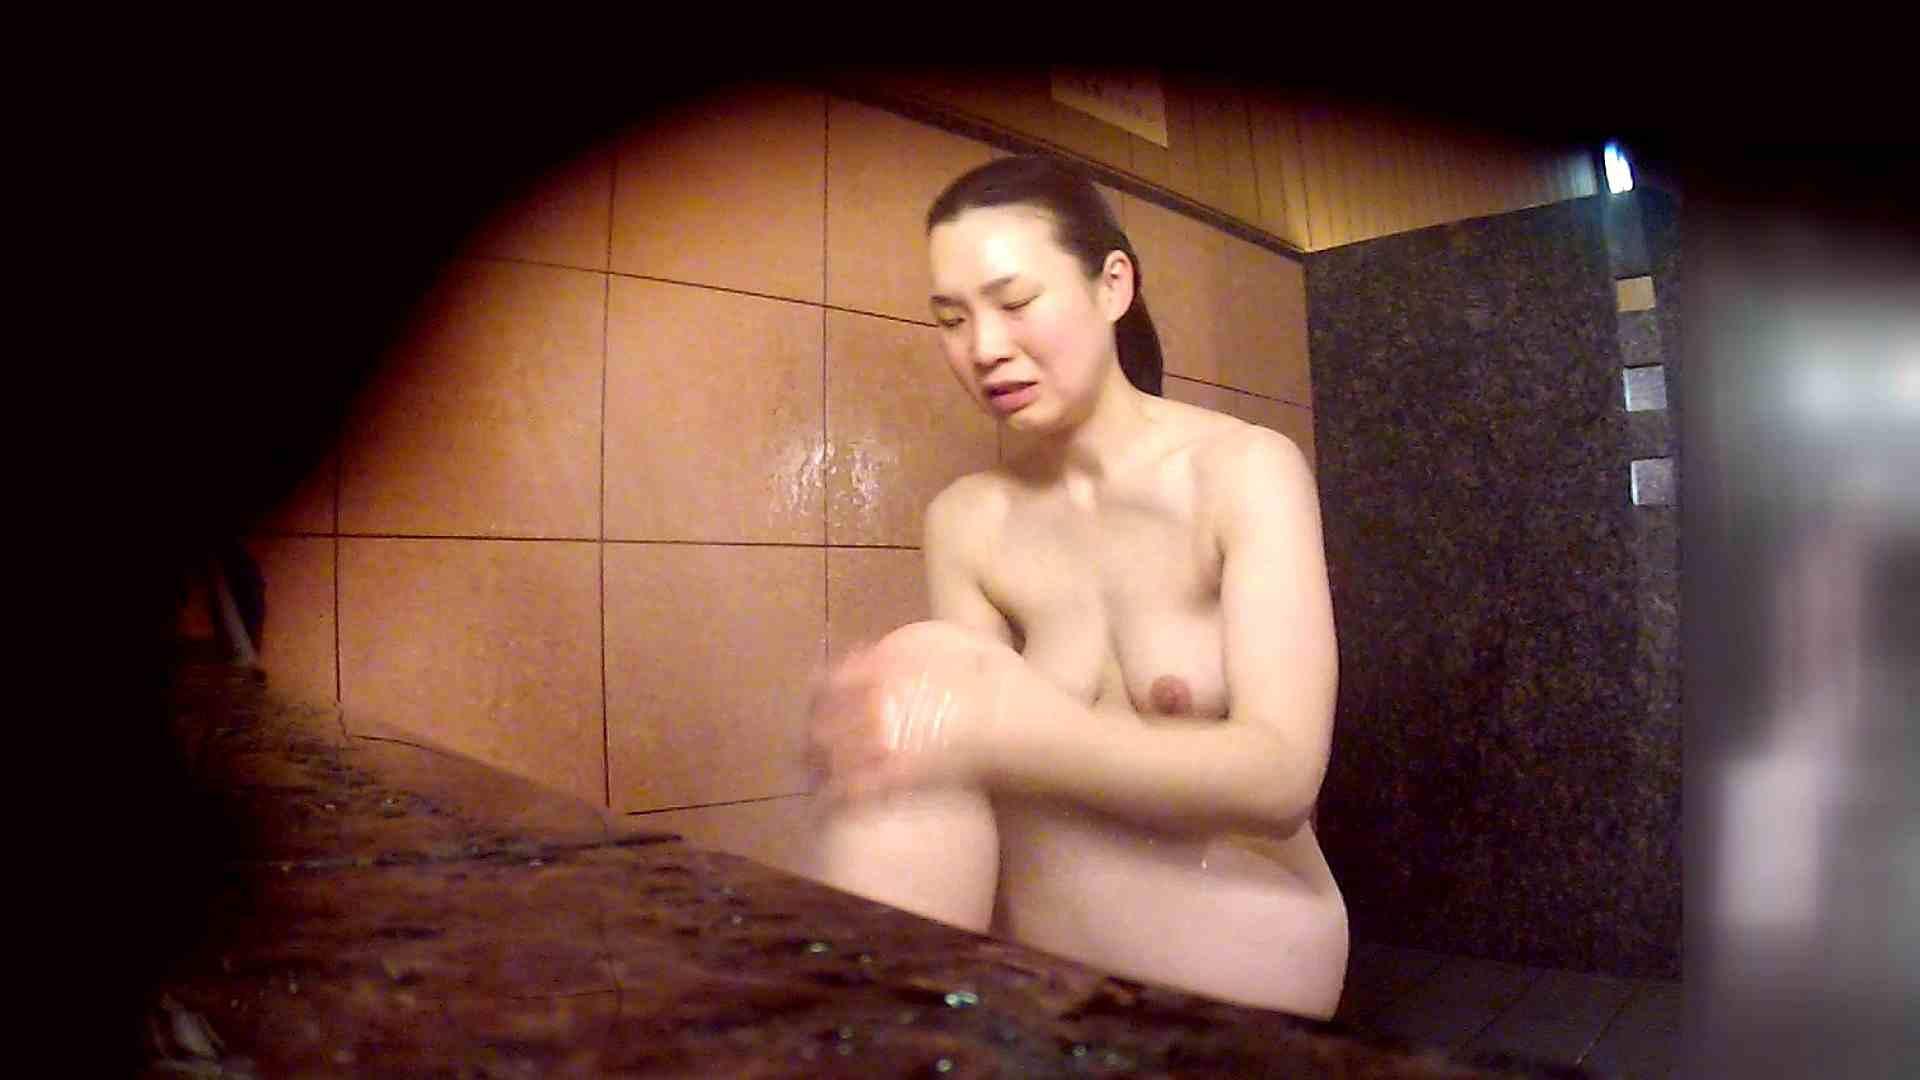 洗い場!マッスルお嬢さん!でもオッパイだけは柔らかそうです。 潜入  68画像 49